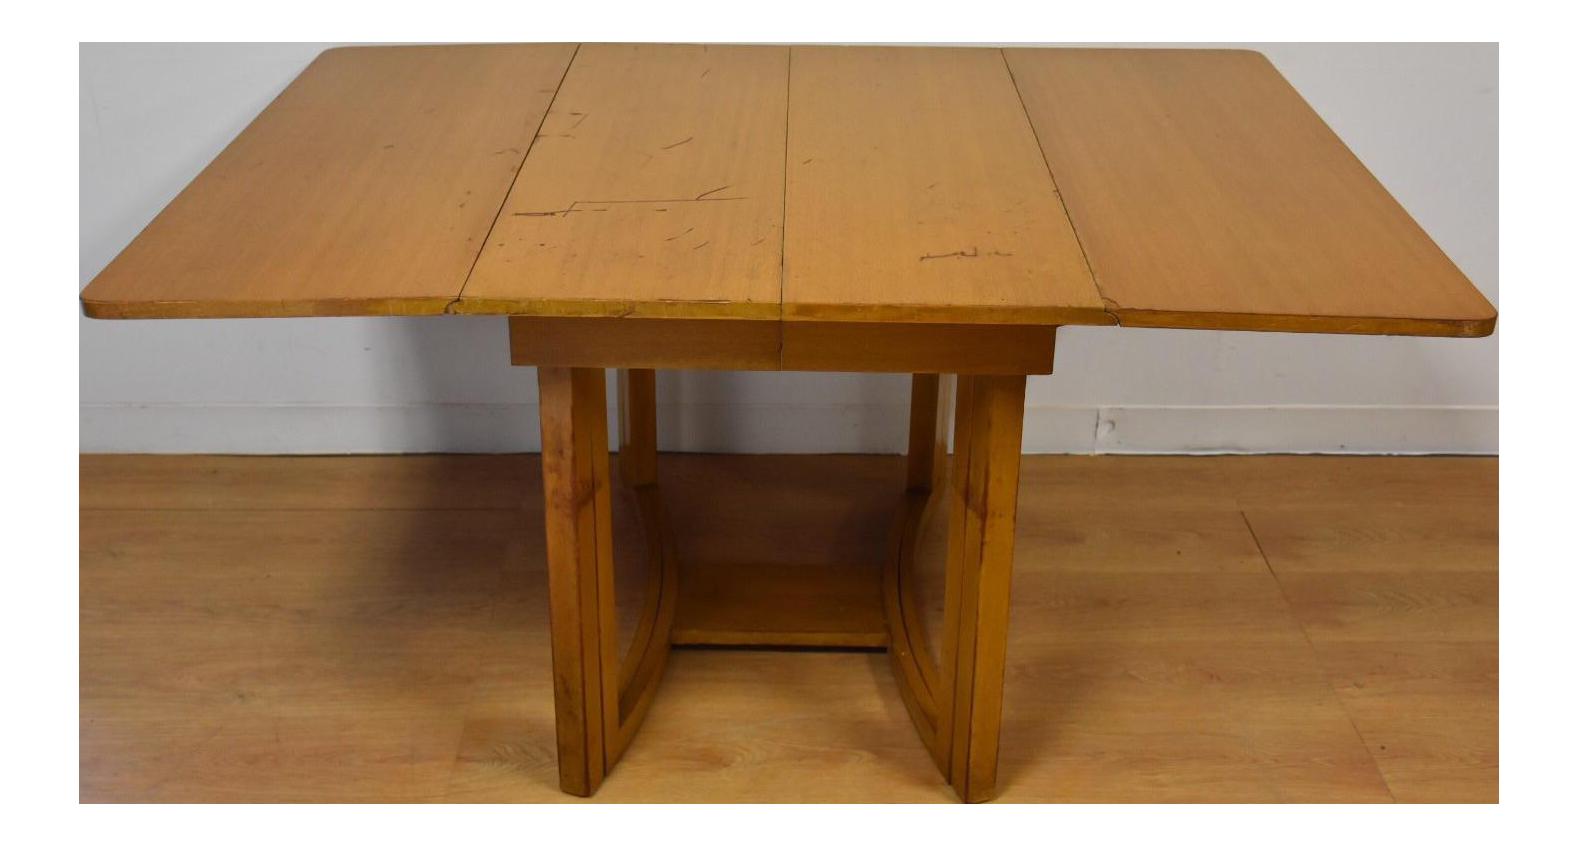 Mid Century Modern Dining Table By T.H. Robsjohn Gibbings For Widdicomb